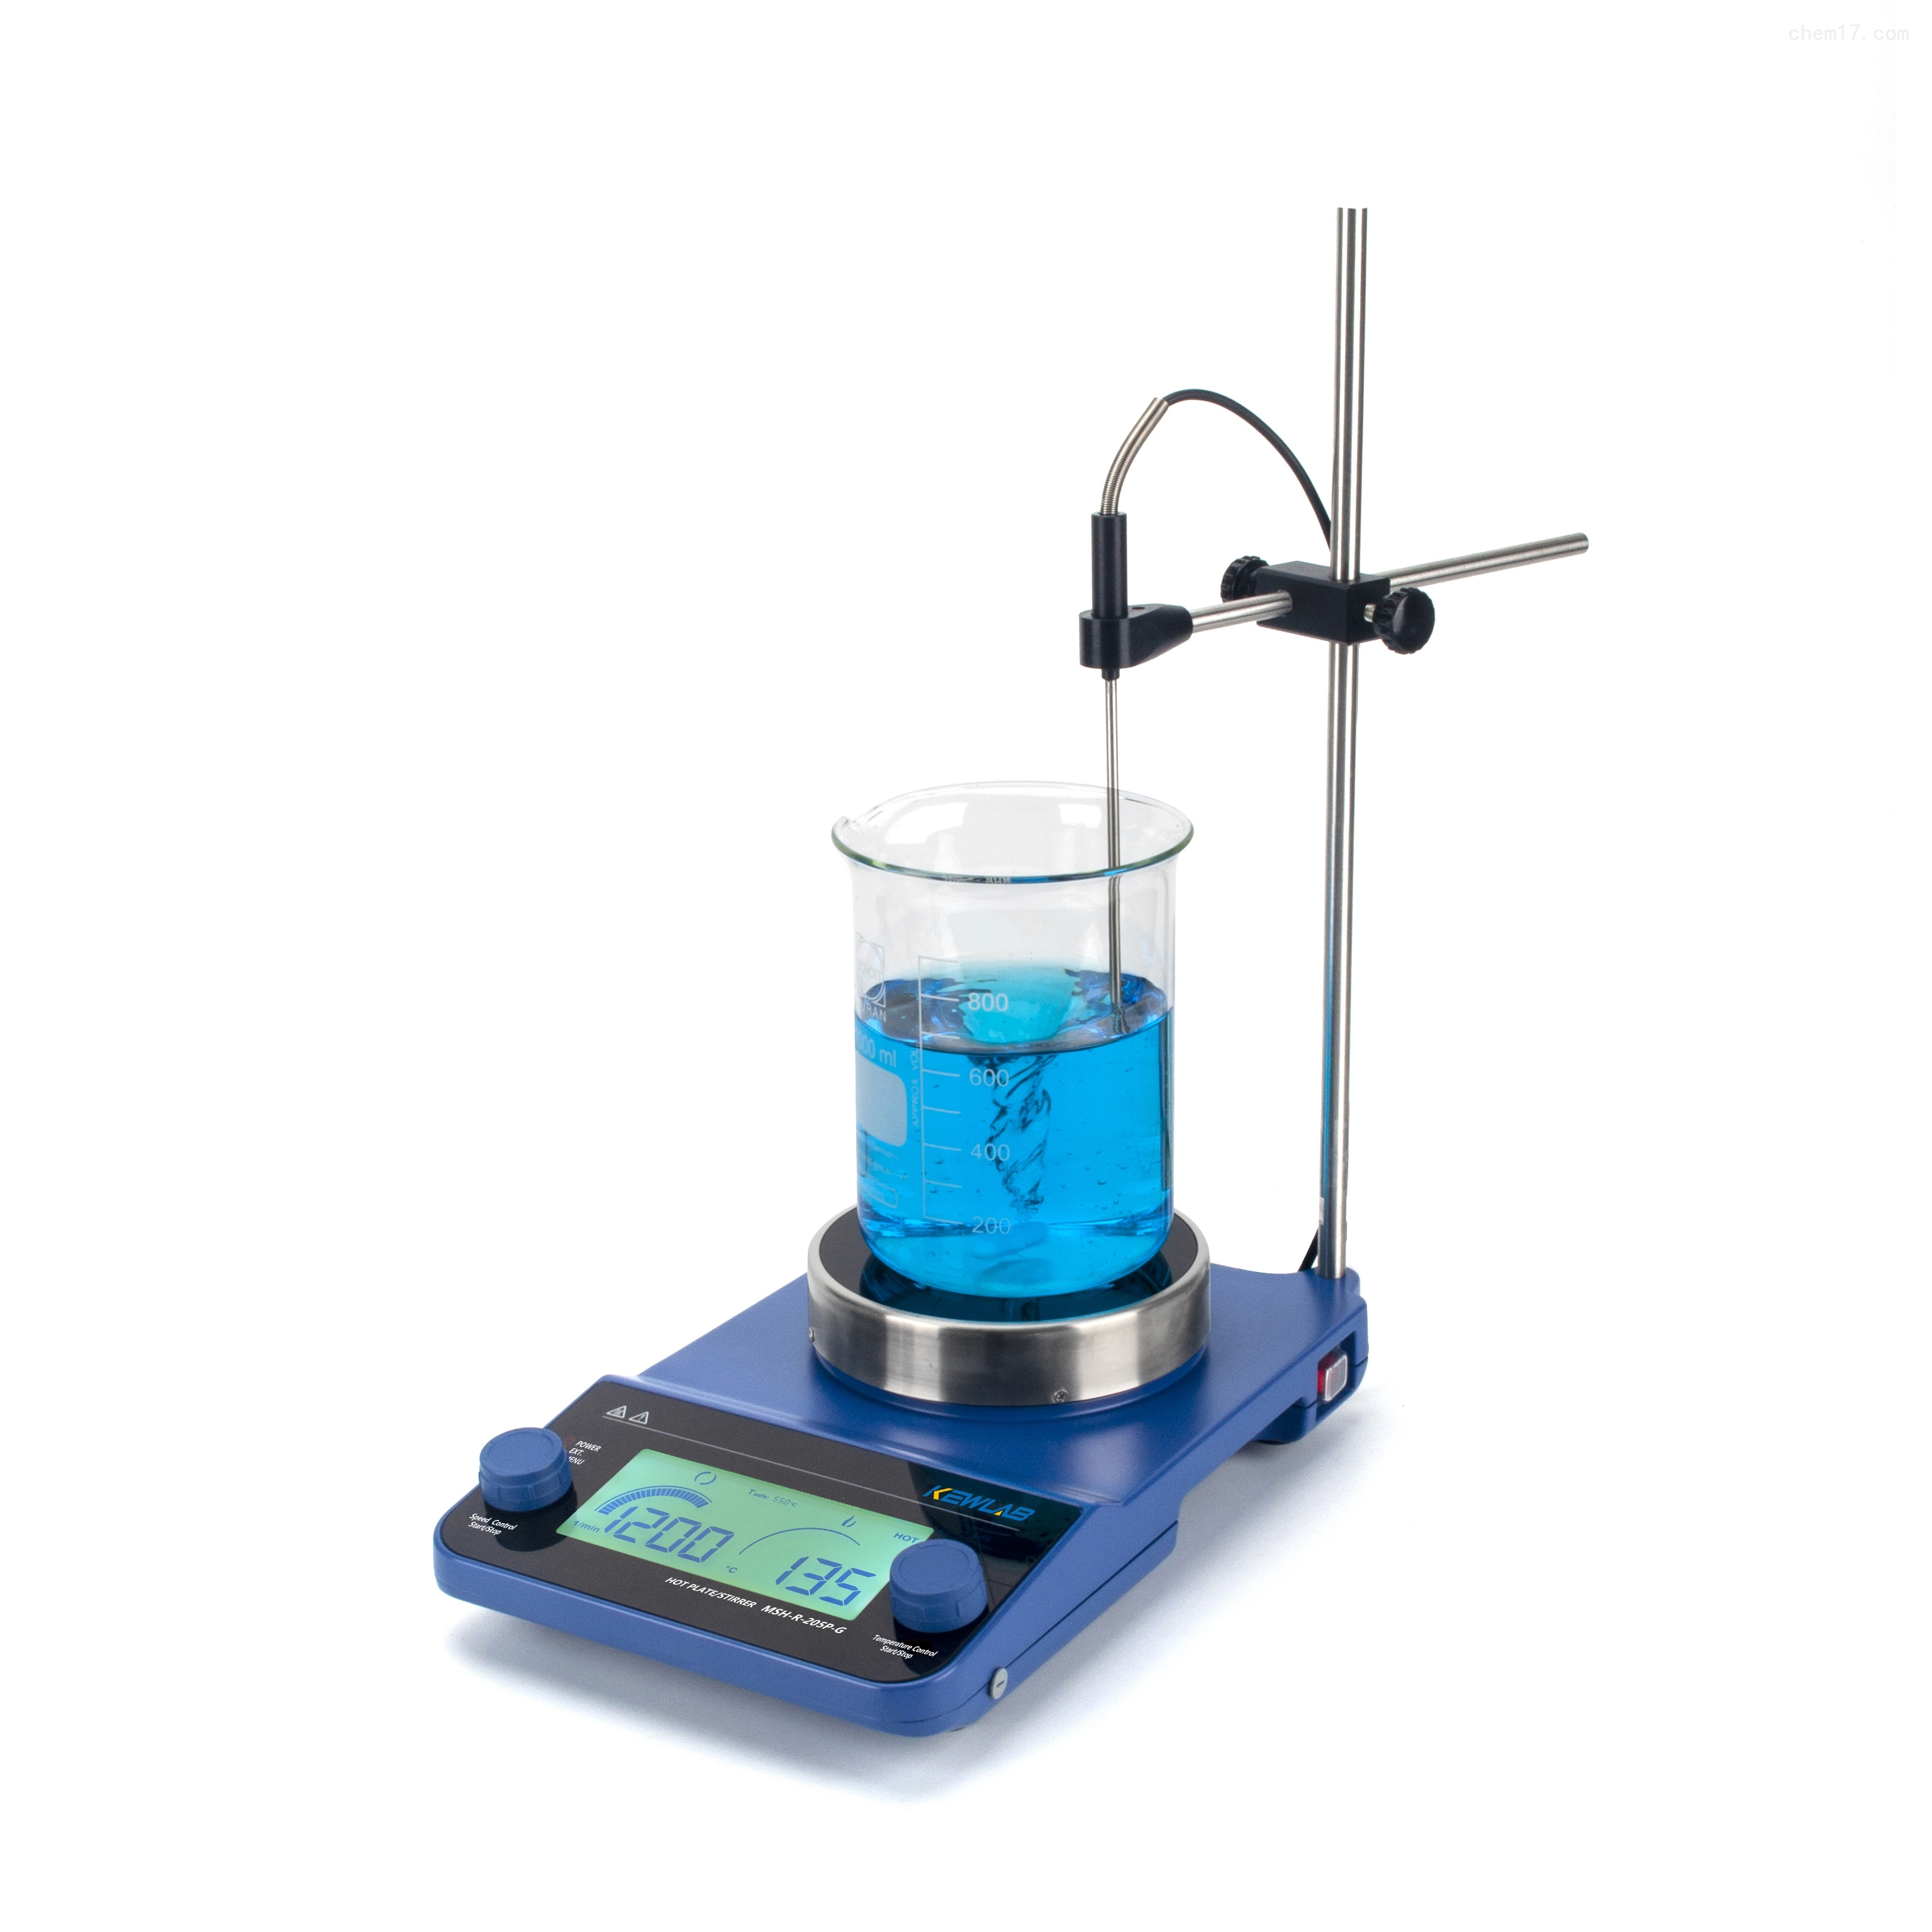 数显控温磁力搅拌器